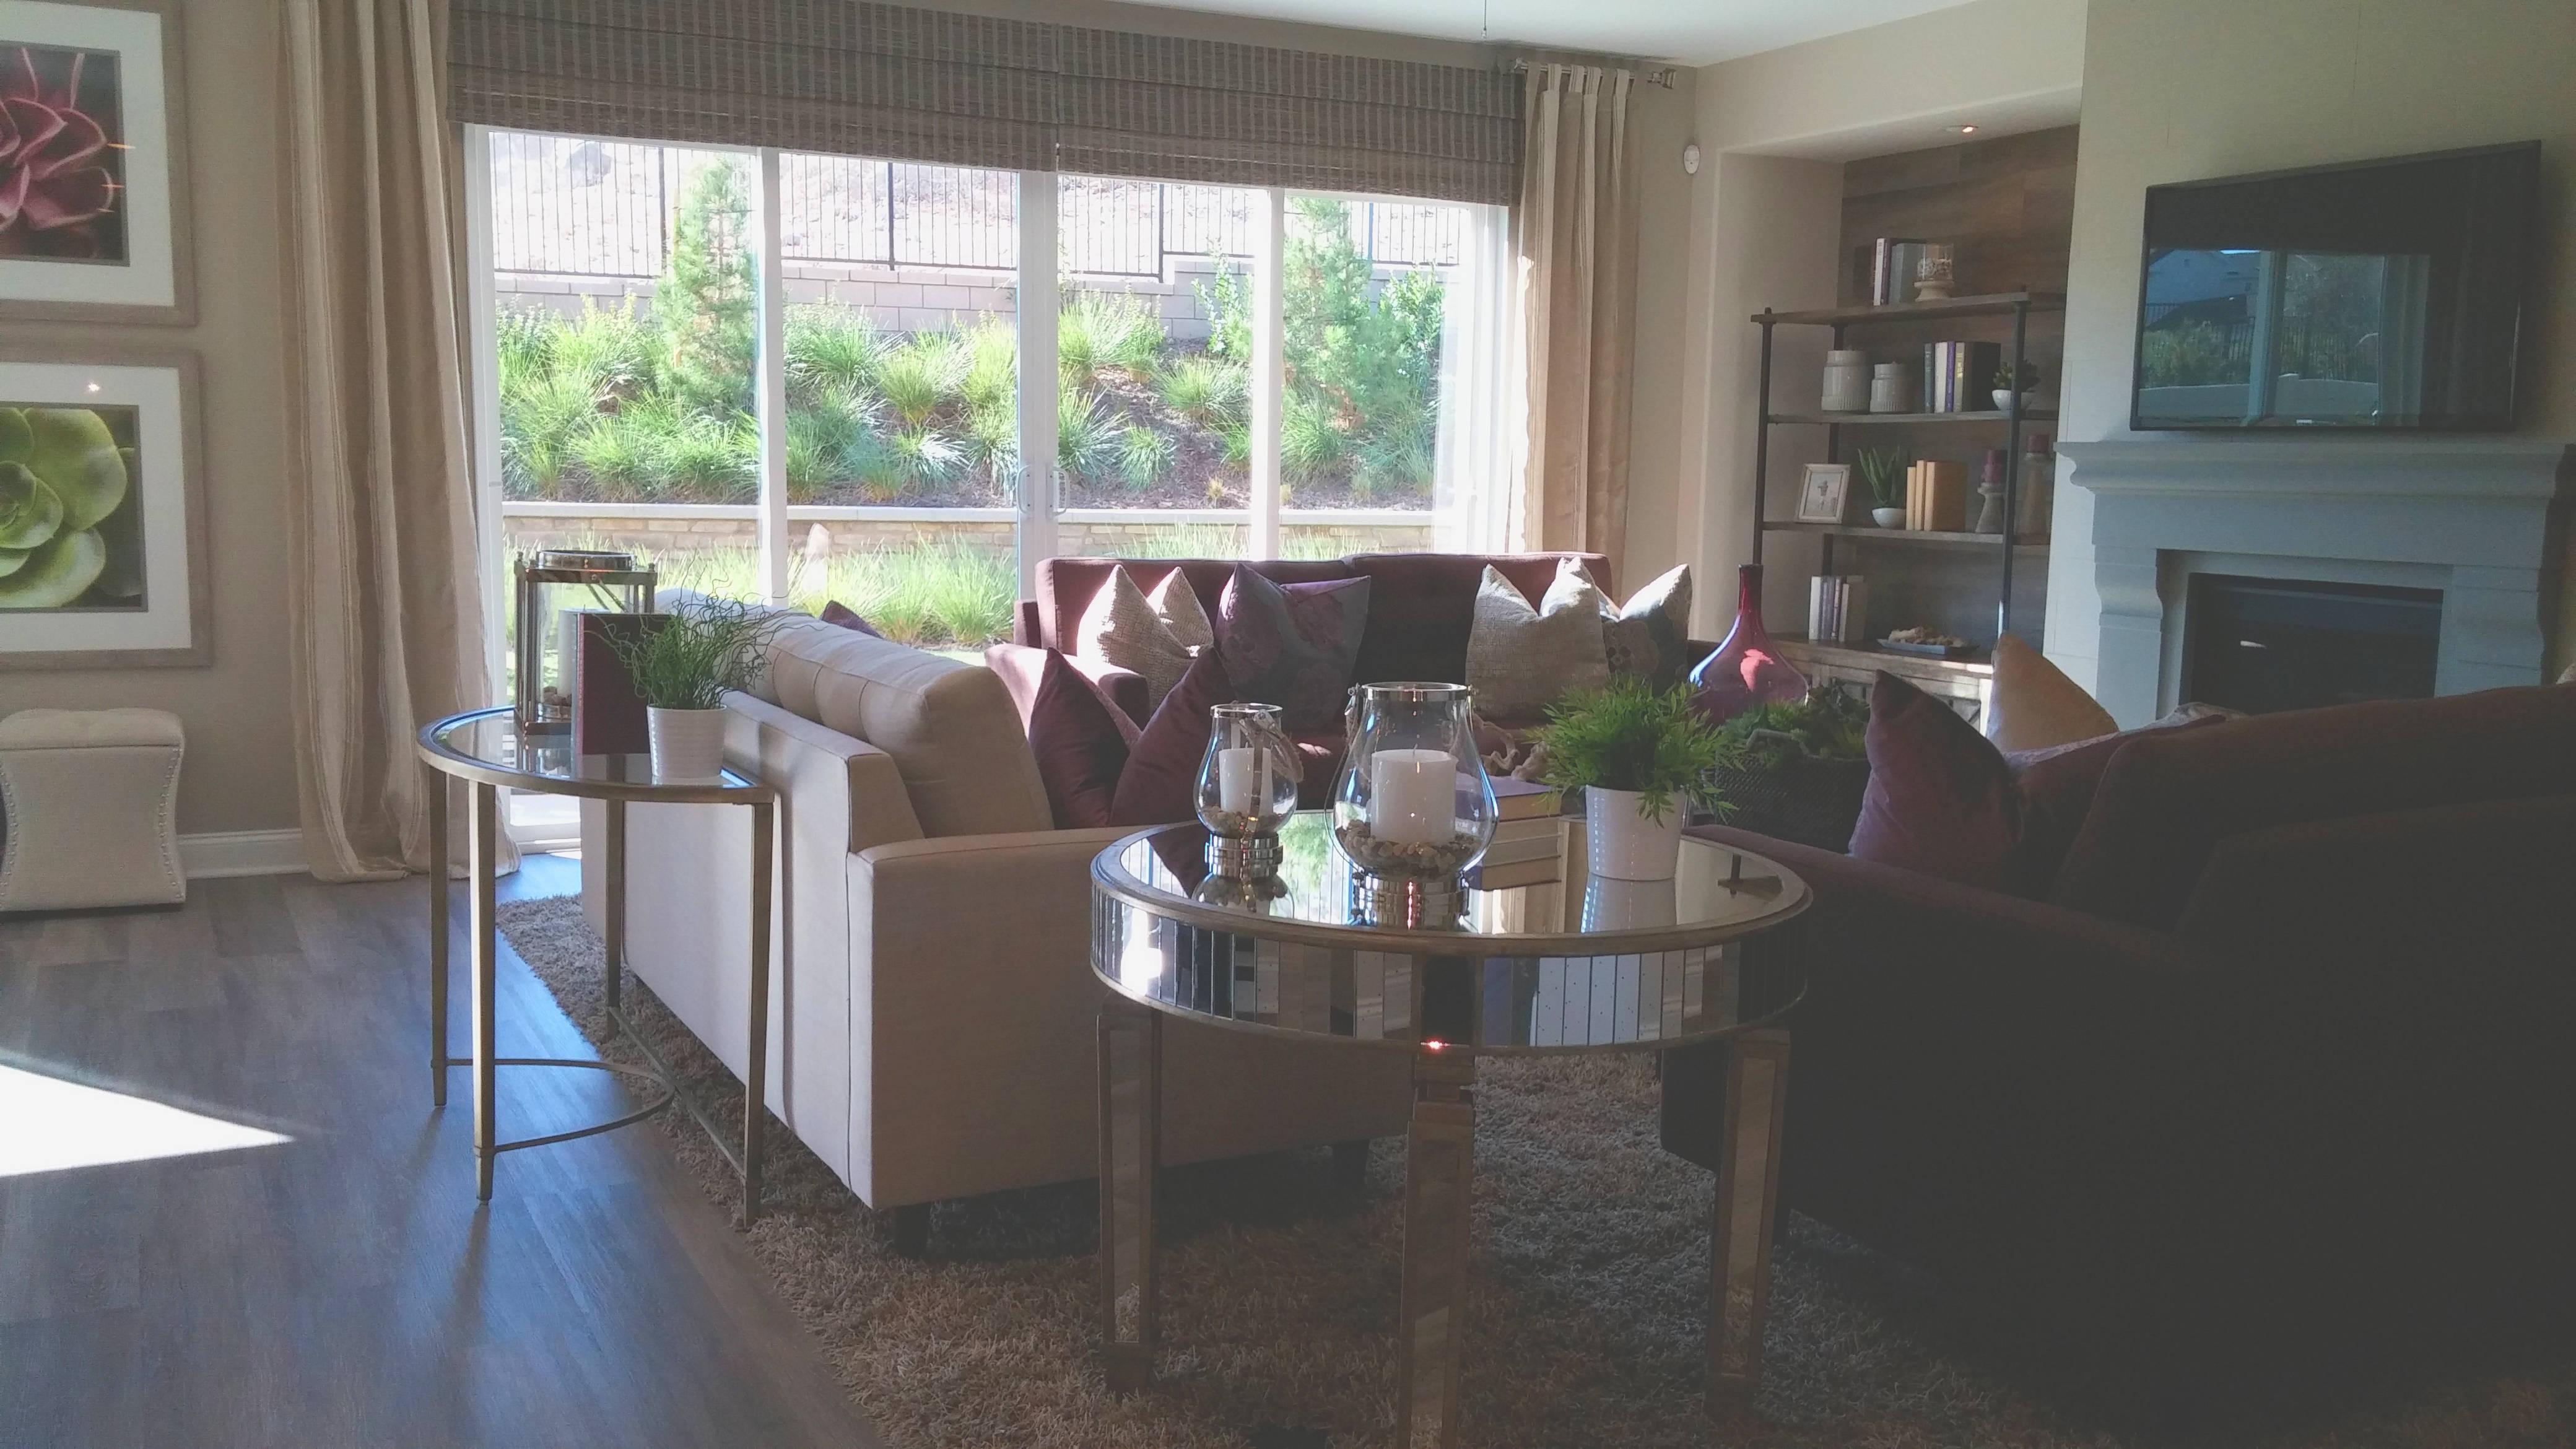 Model Home Furniture For Sale Riverside Ca Home Design